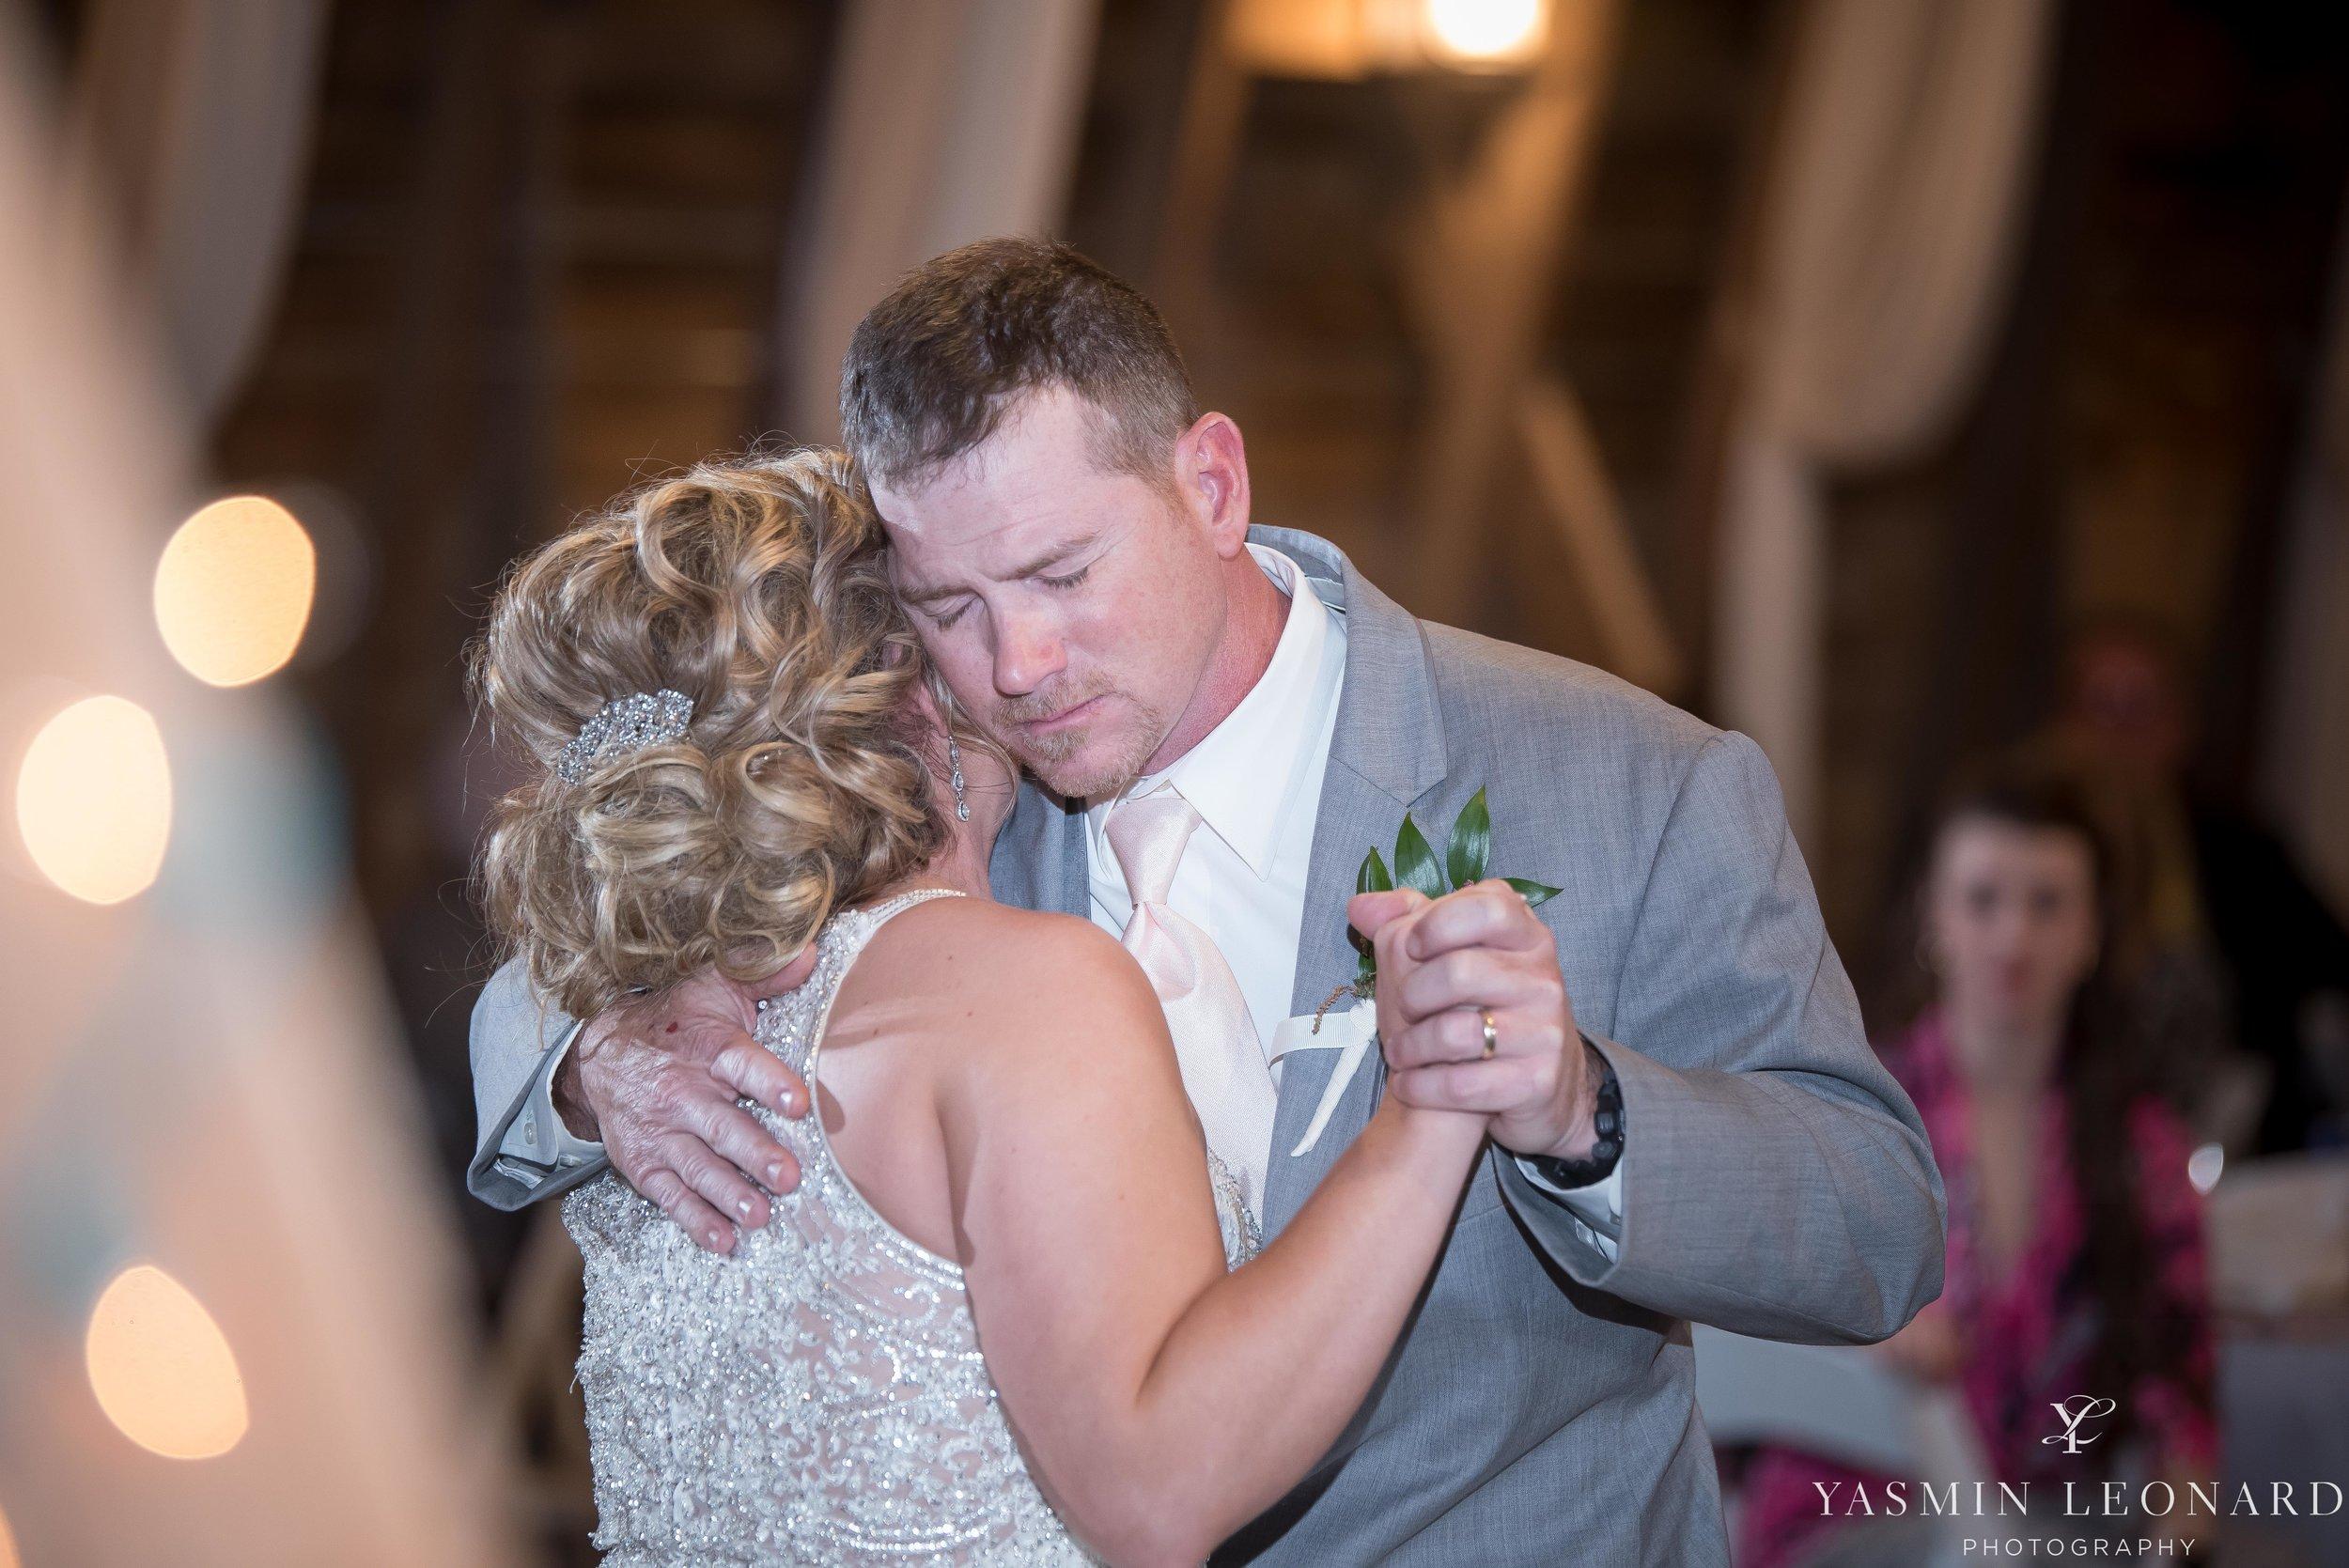 Millikan Farms - Millikan Farms Wedding - Sophia NC Wedding - NC Wedding - NC Wedding Photographer - Yasmin Leonard Photography - High Point Photographer - Barn Wedding - Wedding Venues in NC - Triad Wedding Photographer-76.jpg